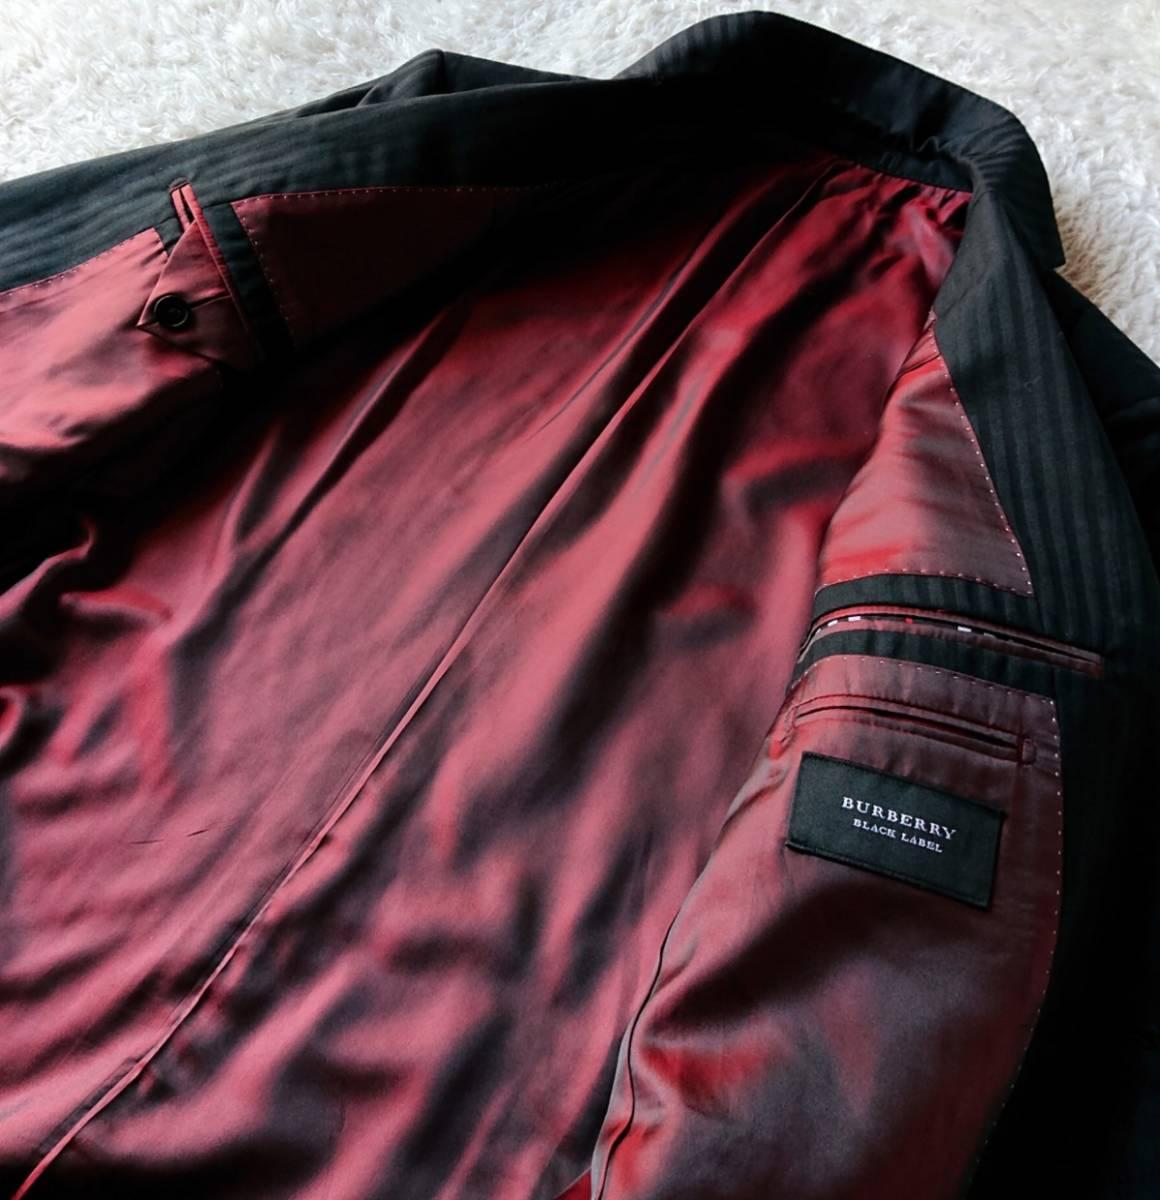 激レア希少 大人気赤 BURBERRY BLACK LABEL ★ シルク混 スリーピース バーバリー ブラック レーベル スーツ セットアップ メンズ ブラック_画像10